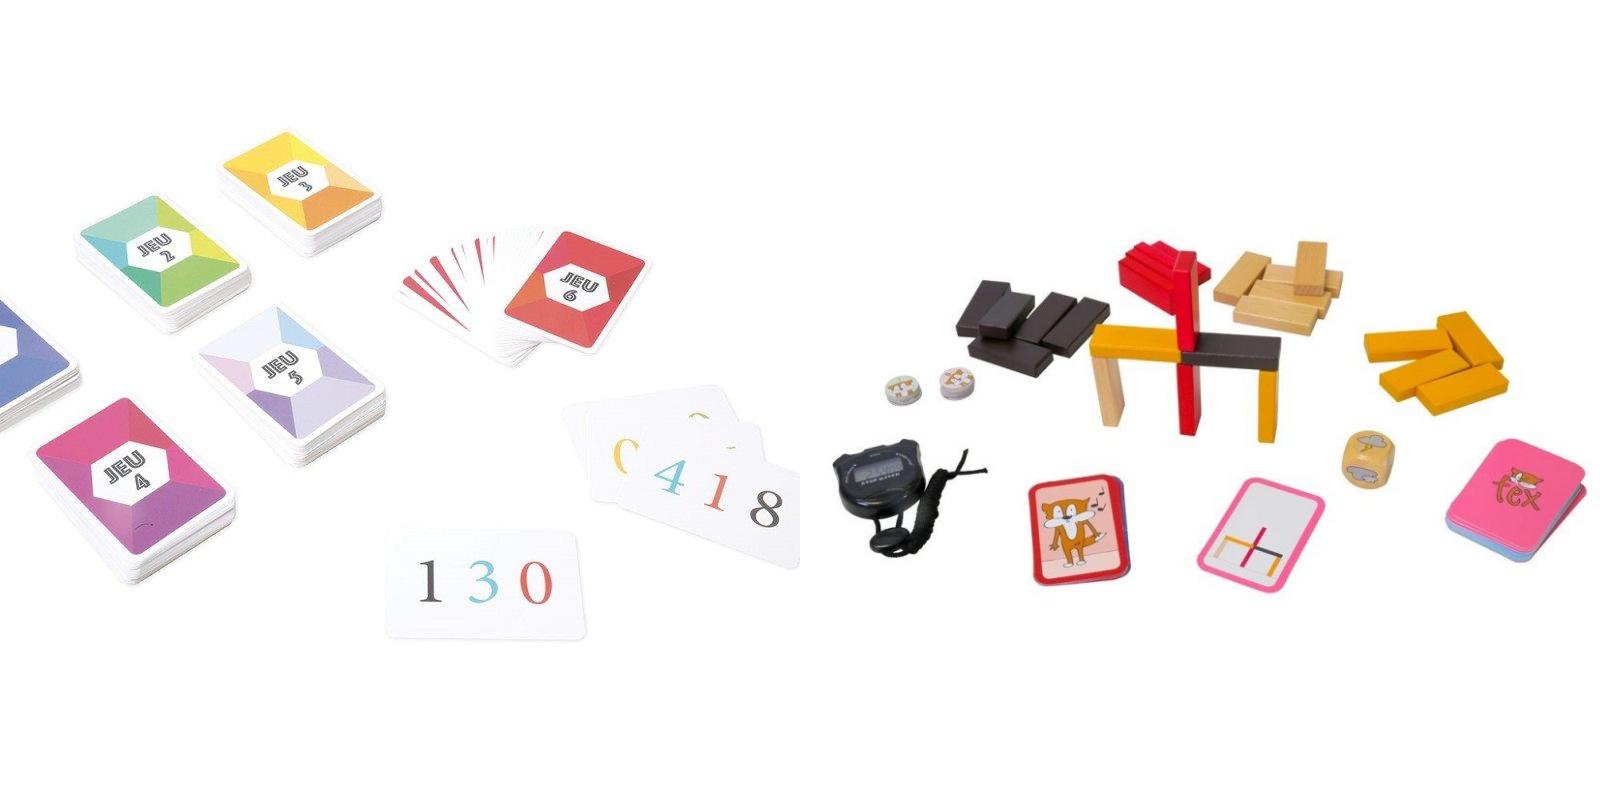 Des jeux pour développer la flexibilité cognitive